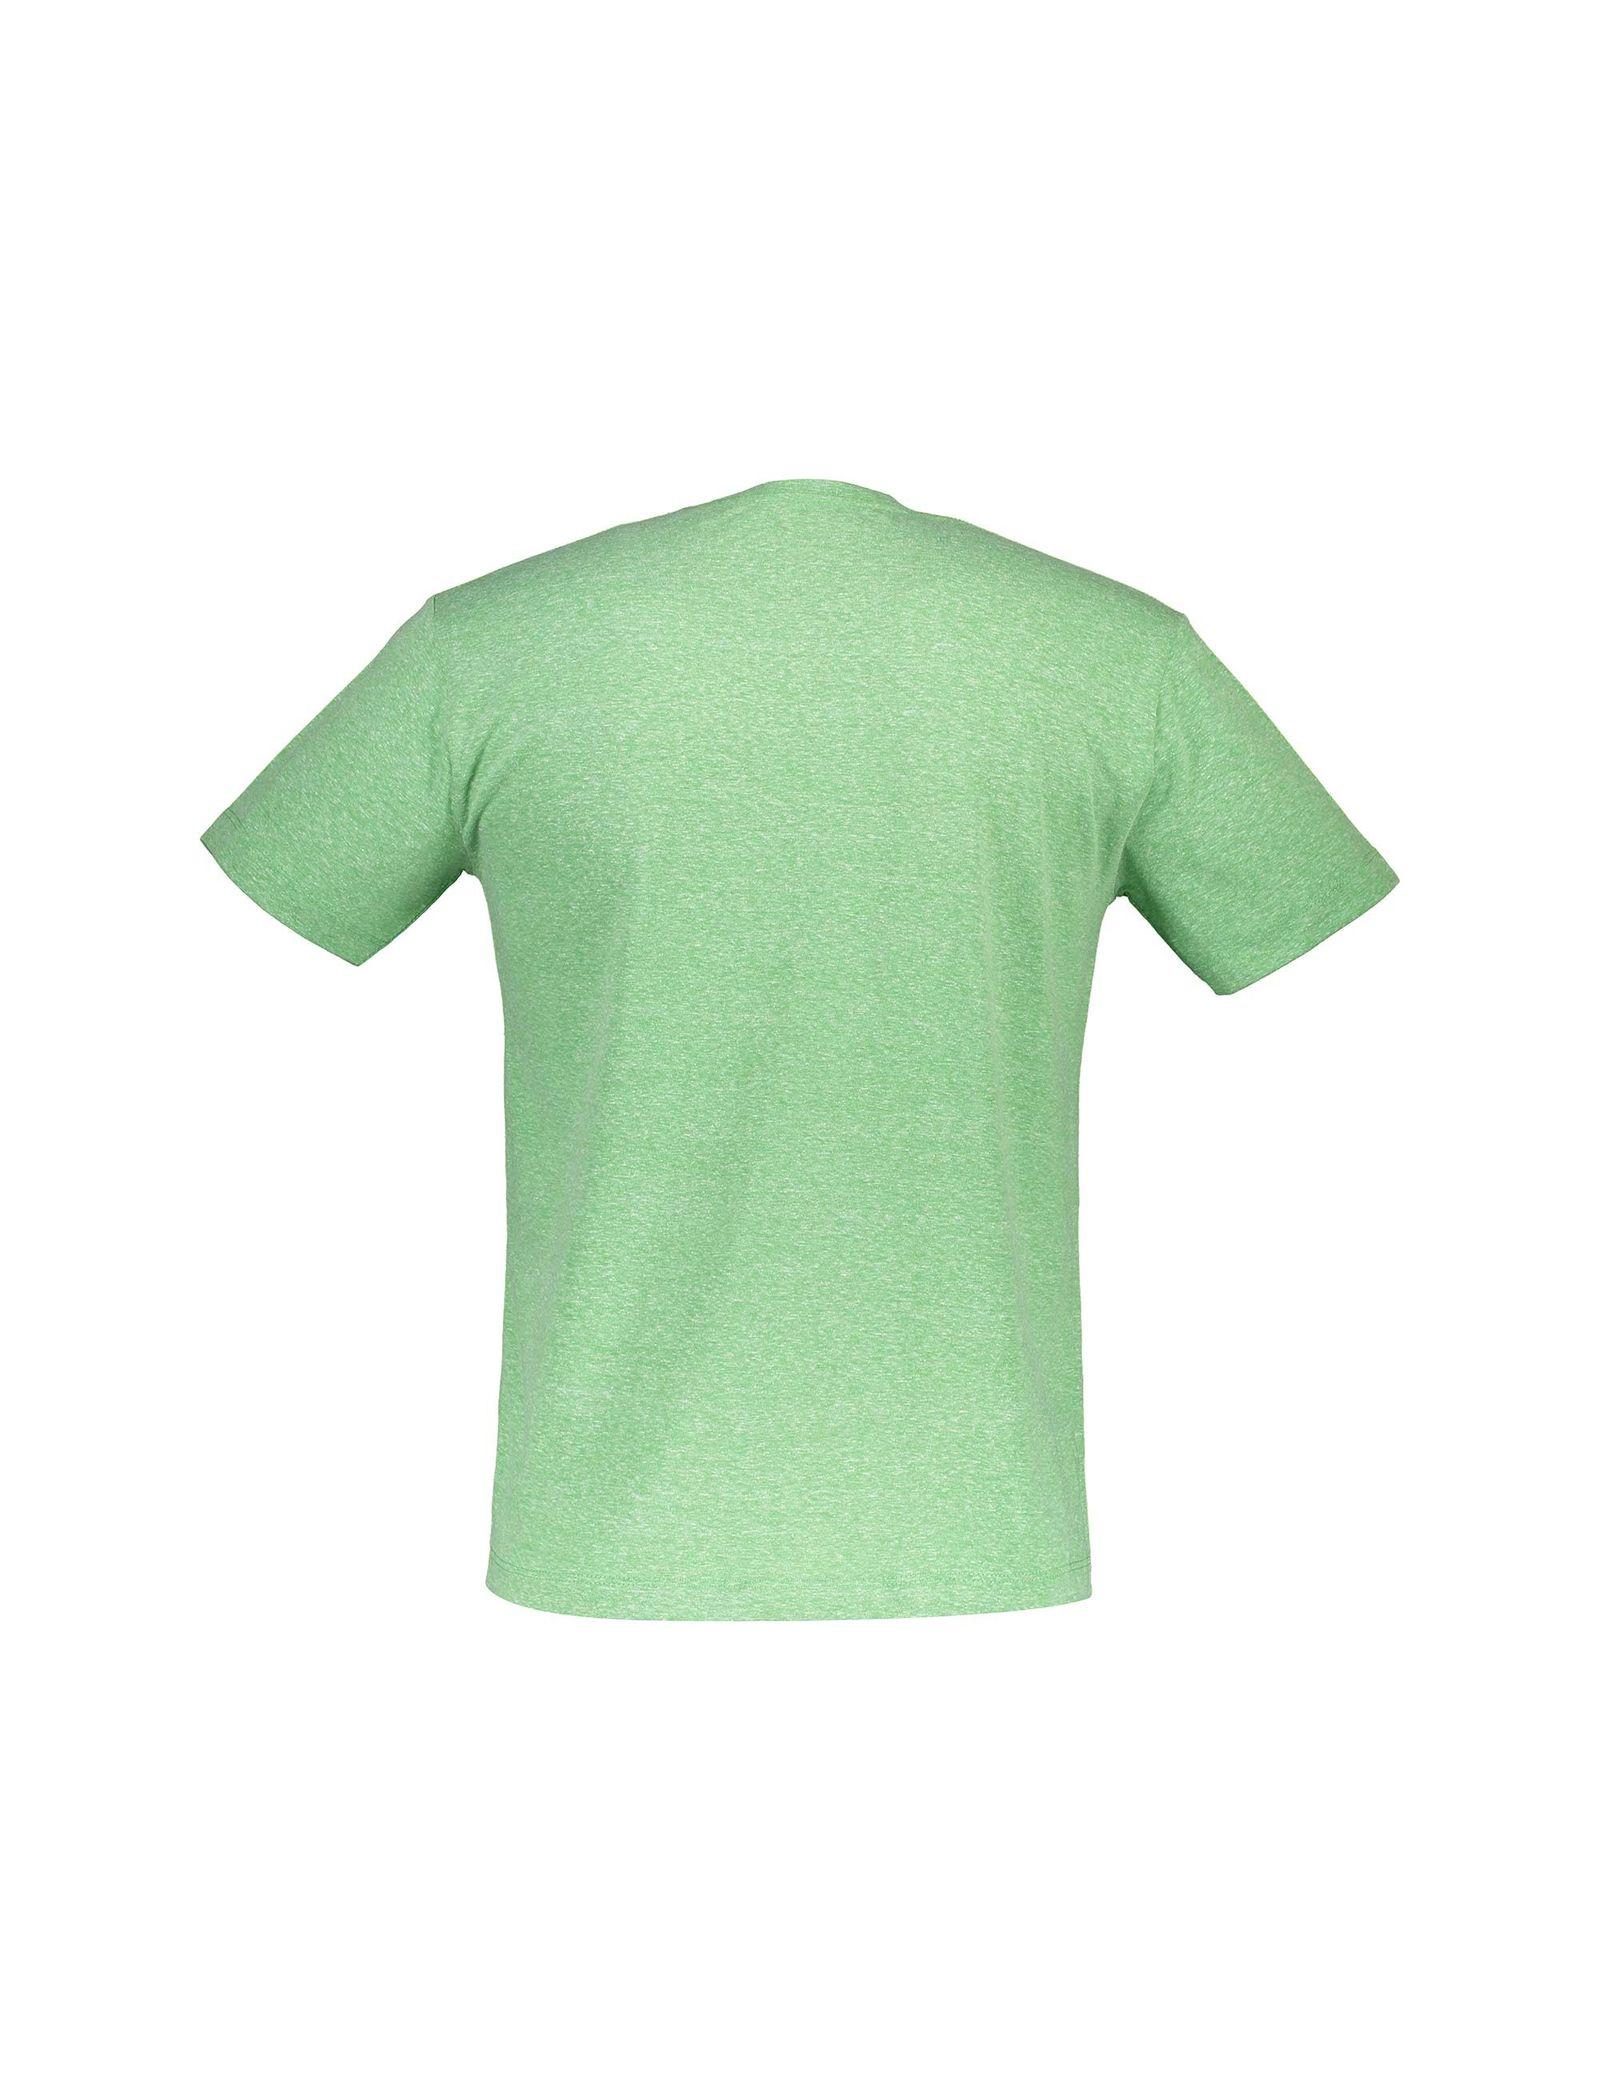 تی شرت یقه گرد مردانه - متی - سبز - 2